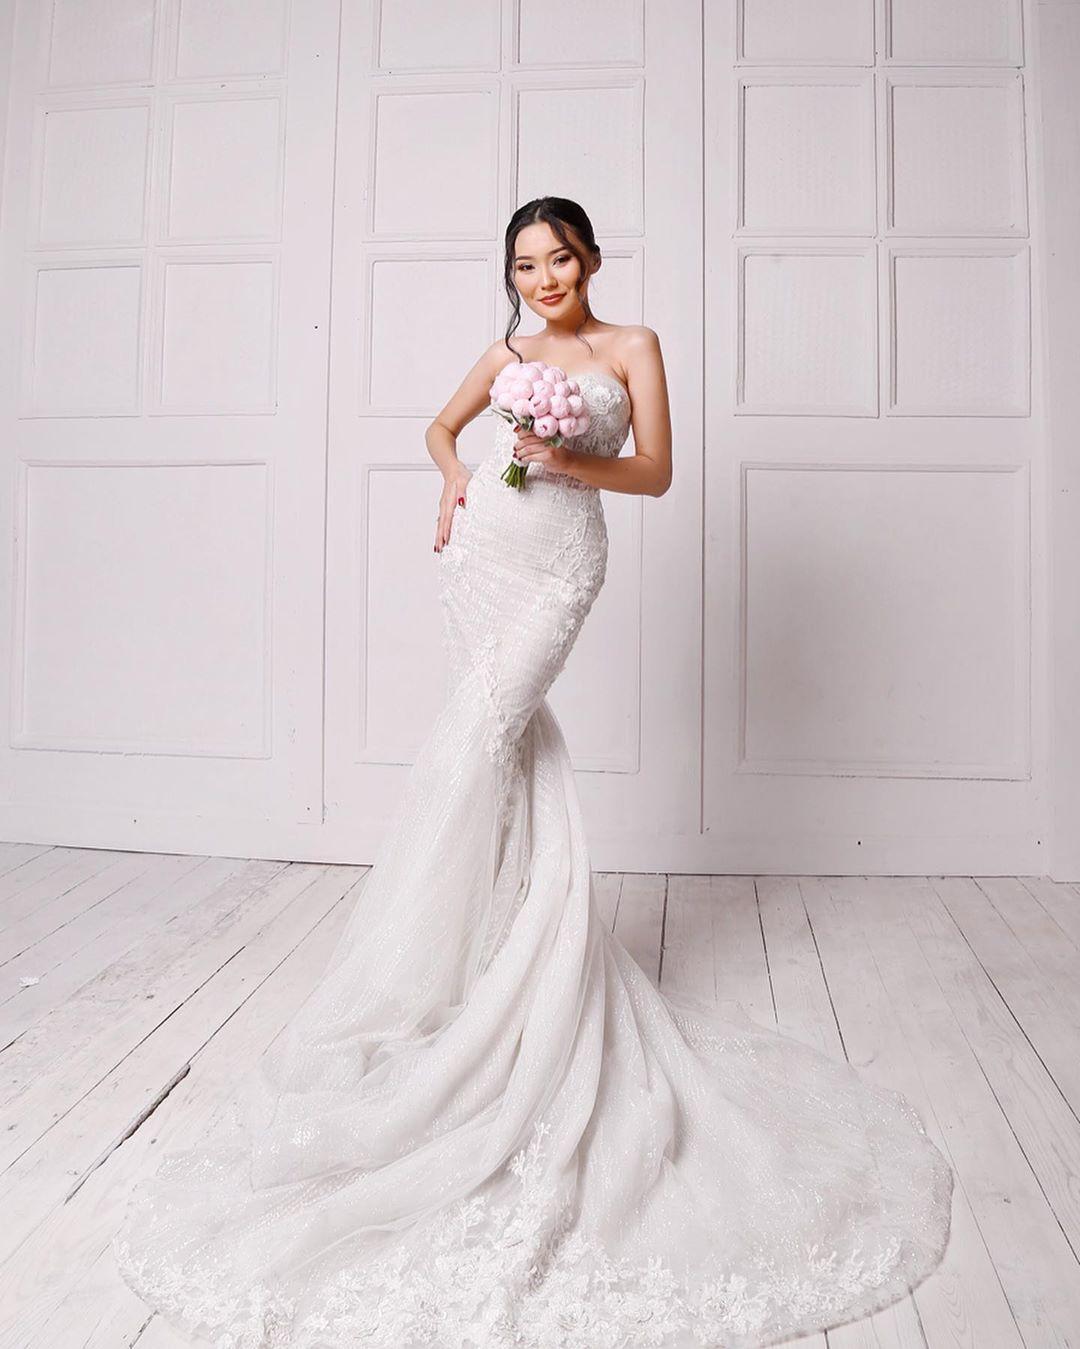 2a8b6513ed0ab1efd807604f55ad4e22 - Daughter Bayan Lagunovoi again became a bride